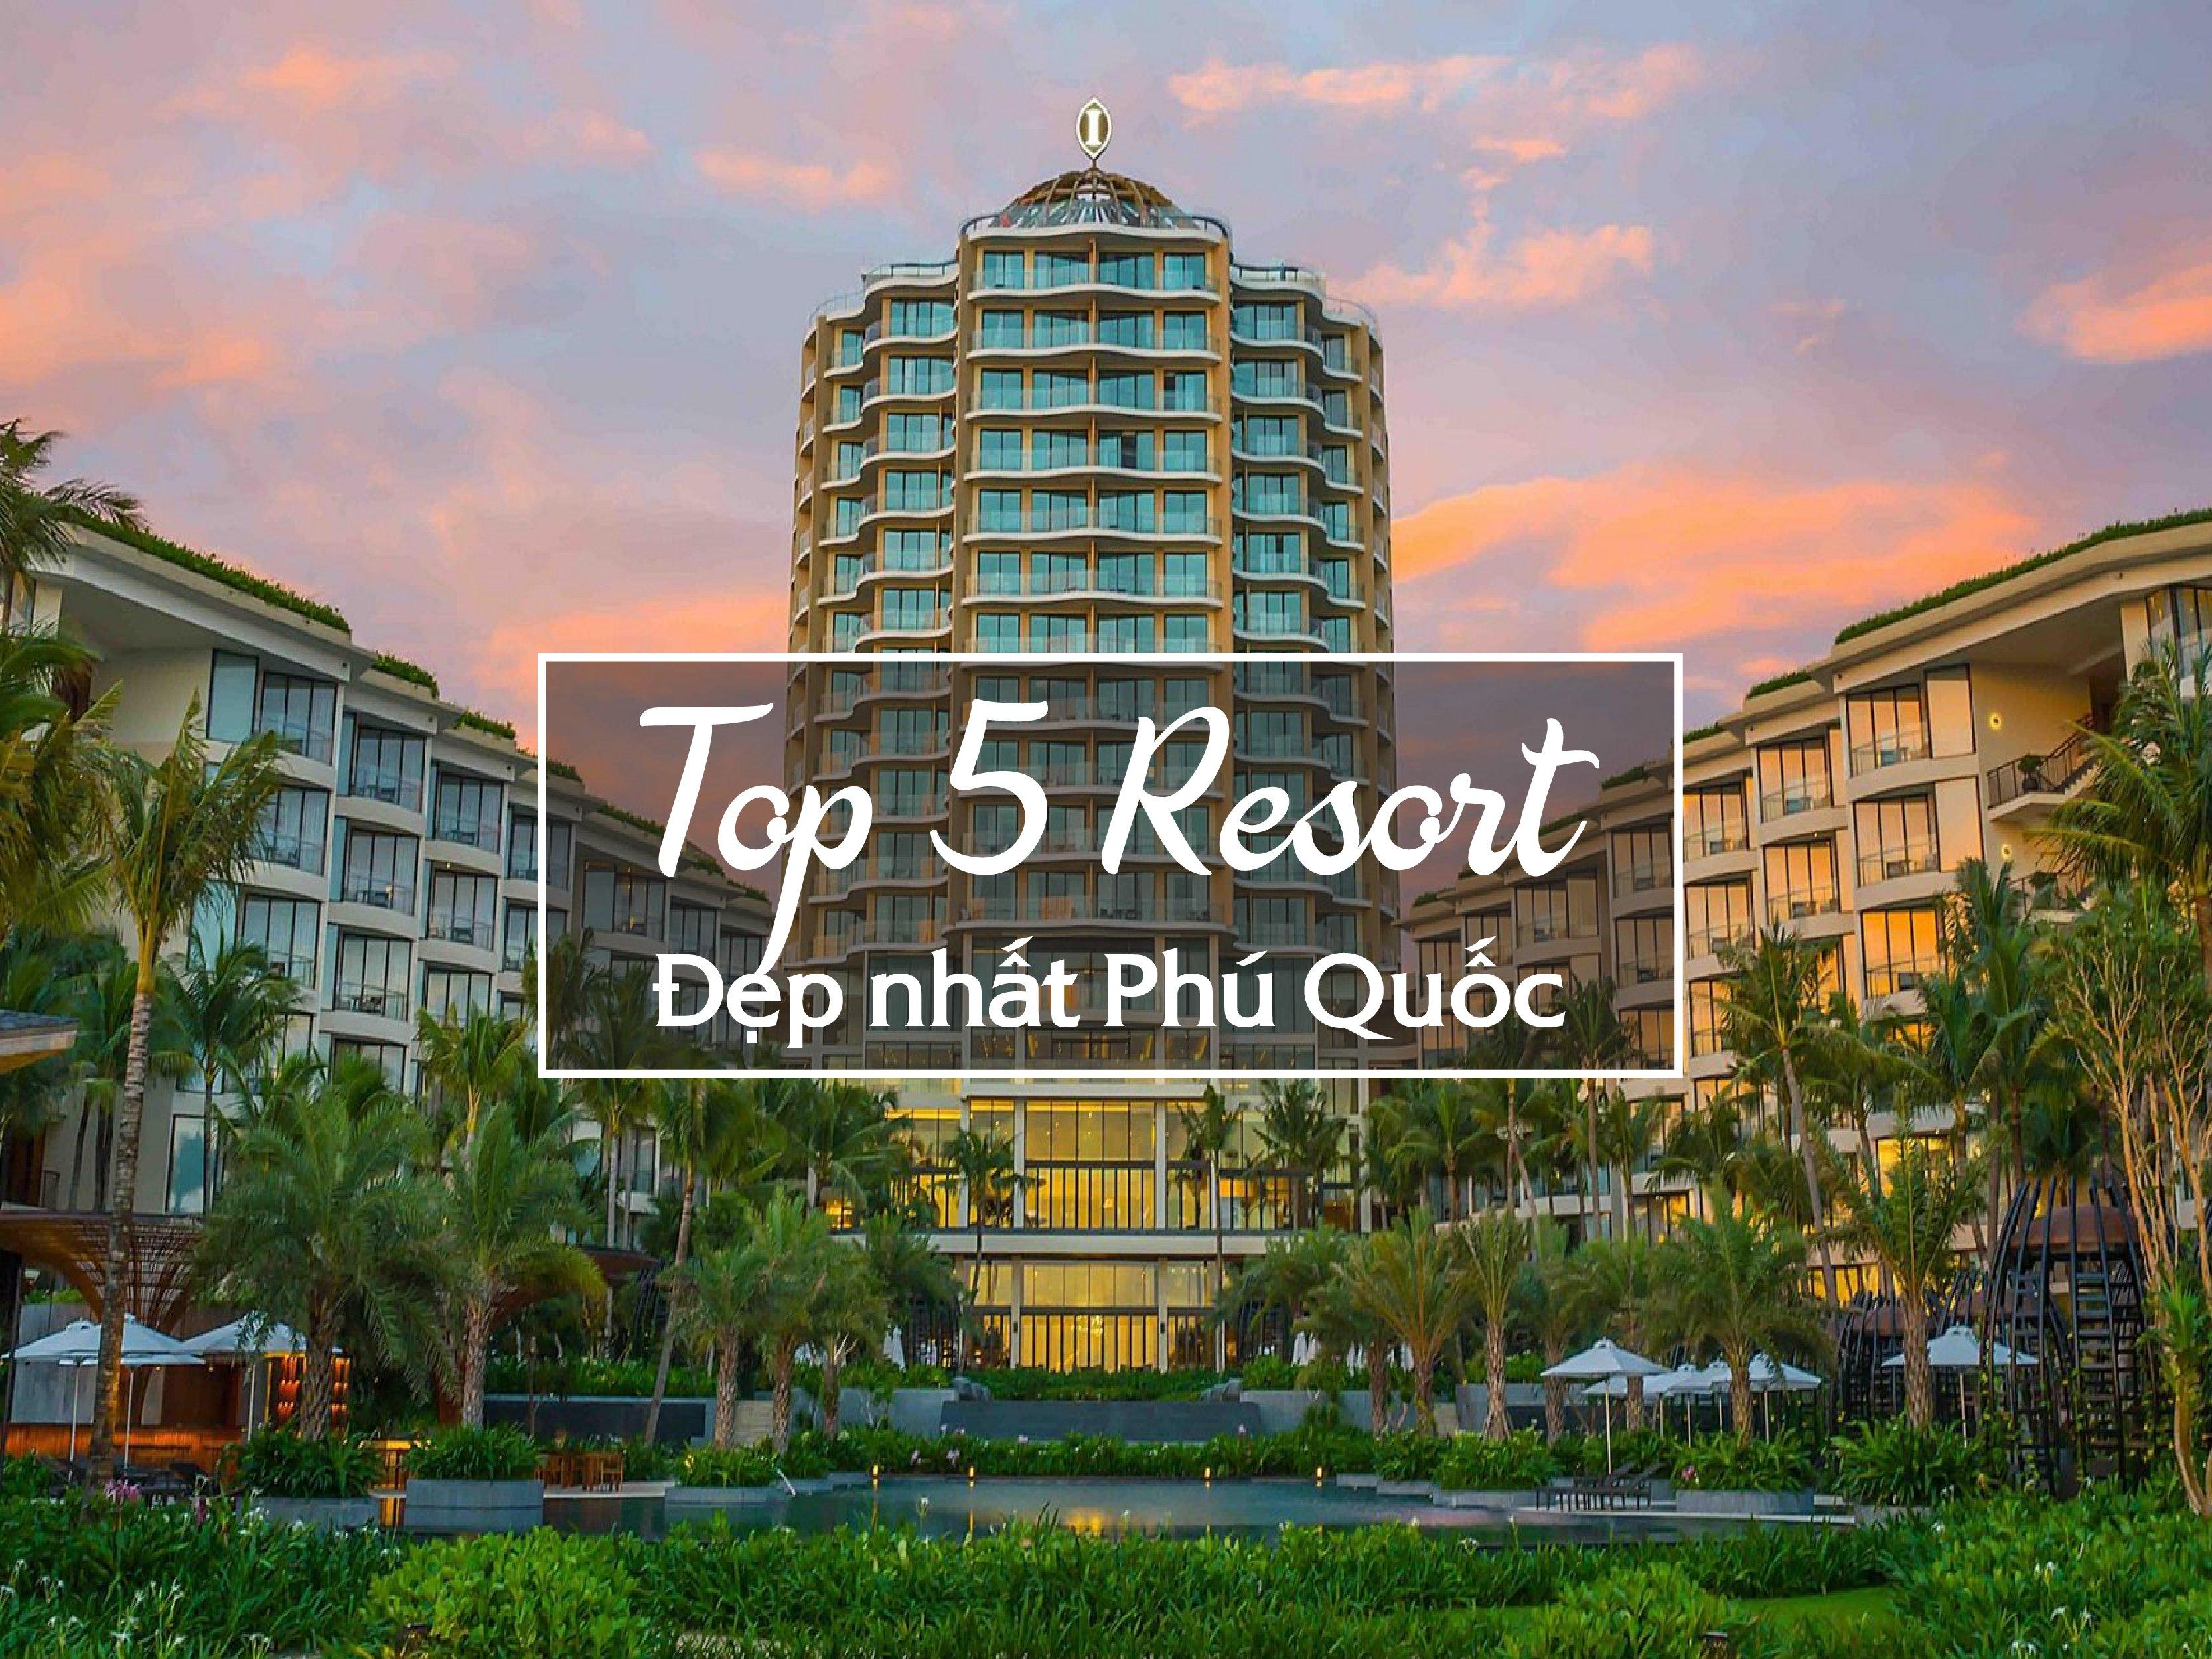 Top 5 resort đẹp nhất Phú Quốc 2021